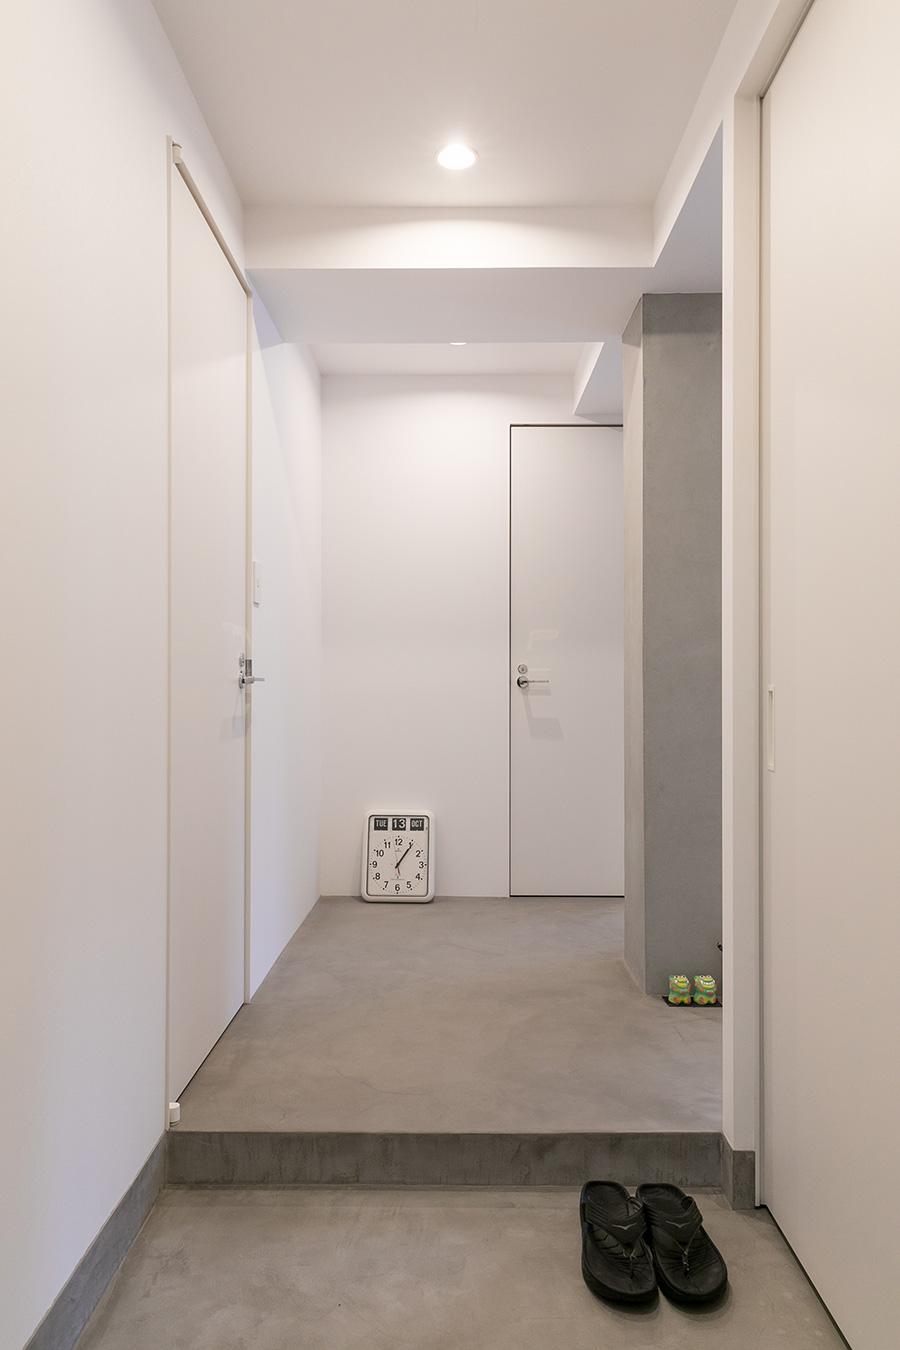 玄関から延びる廊下。右側のモルタル躯体前の壁を無くし空間を広くした。